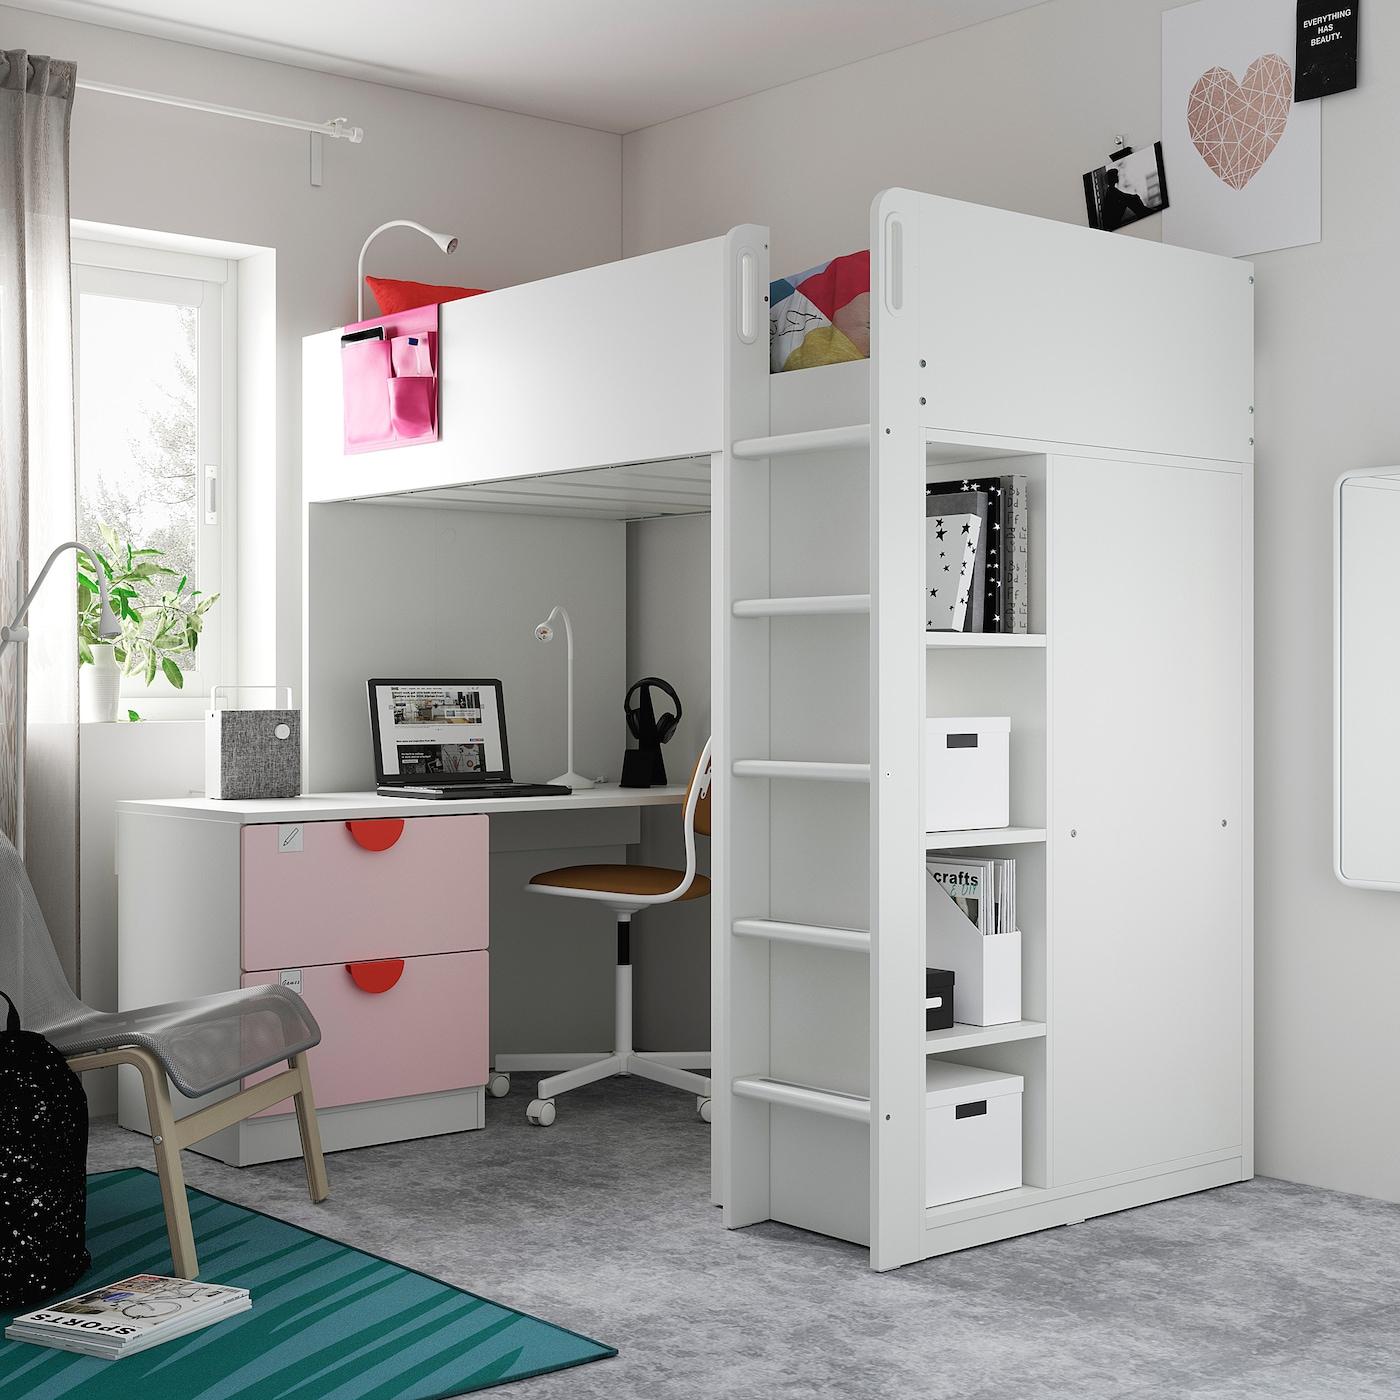 Picture of: Smastad Hojseng Hvid Lys Pink Med Skrivebord Med 3 Skuffer Ikea